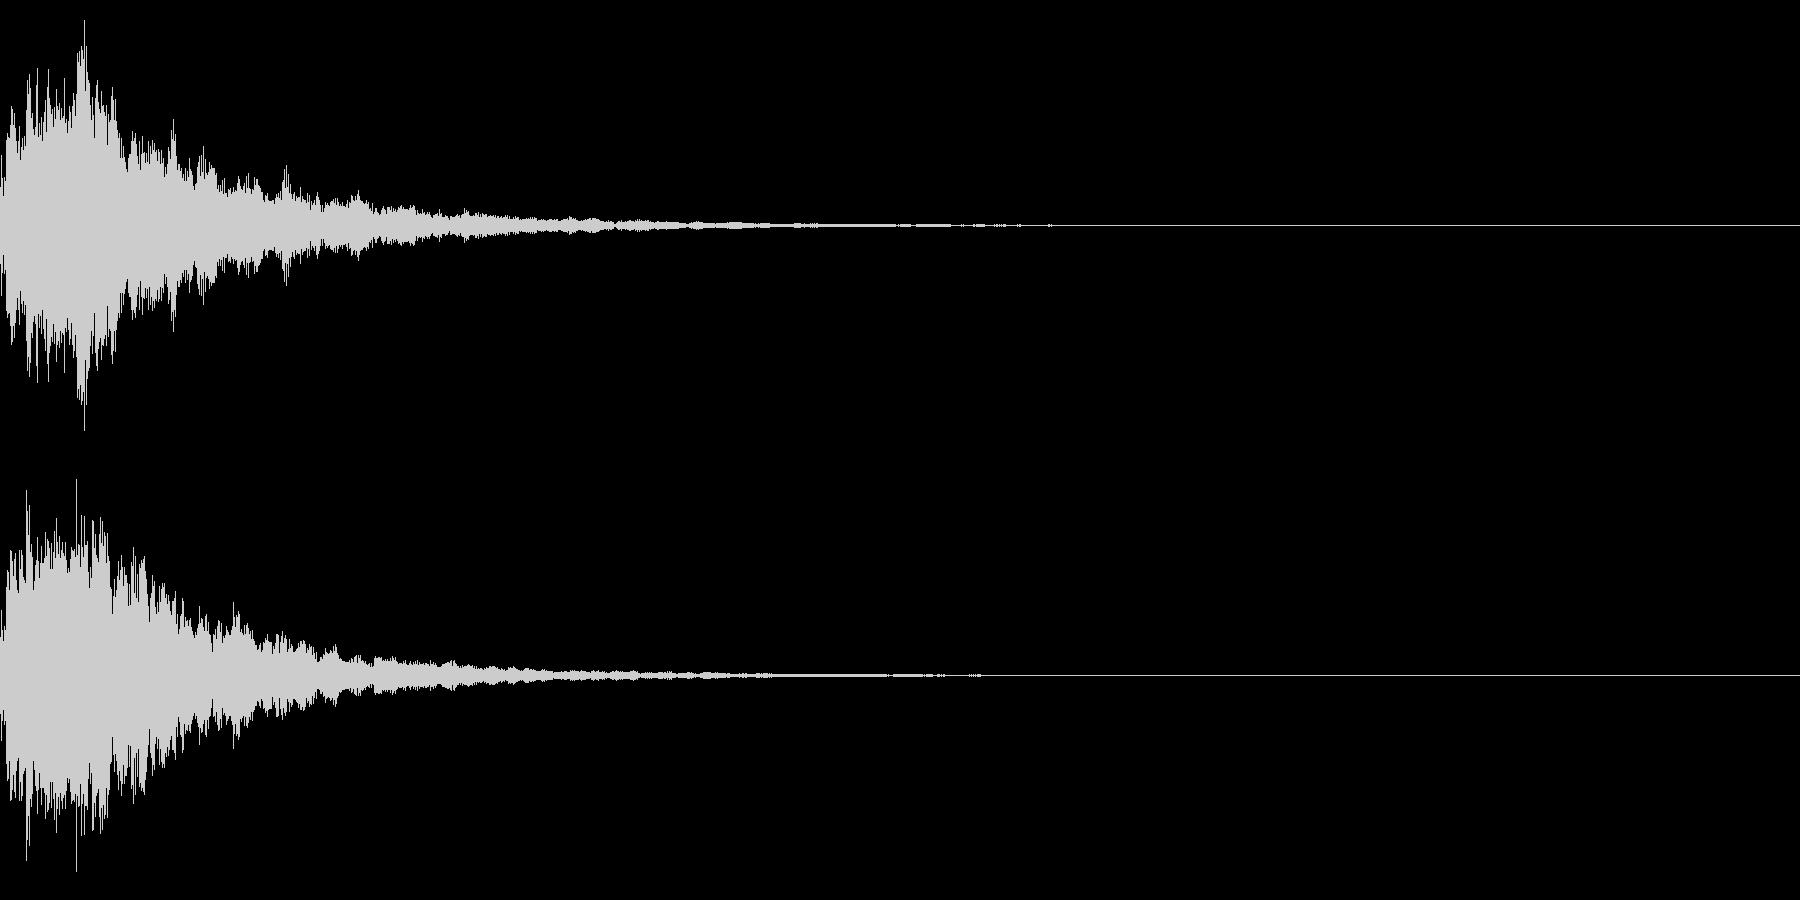 明るいテロップ音 ボタン音 決定音!02の未再生の波形